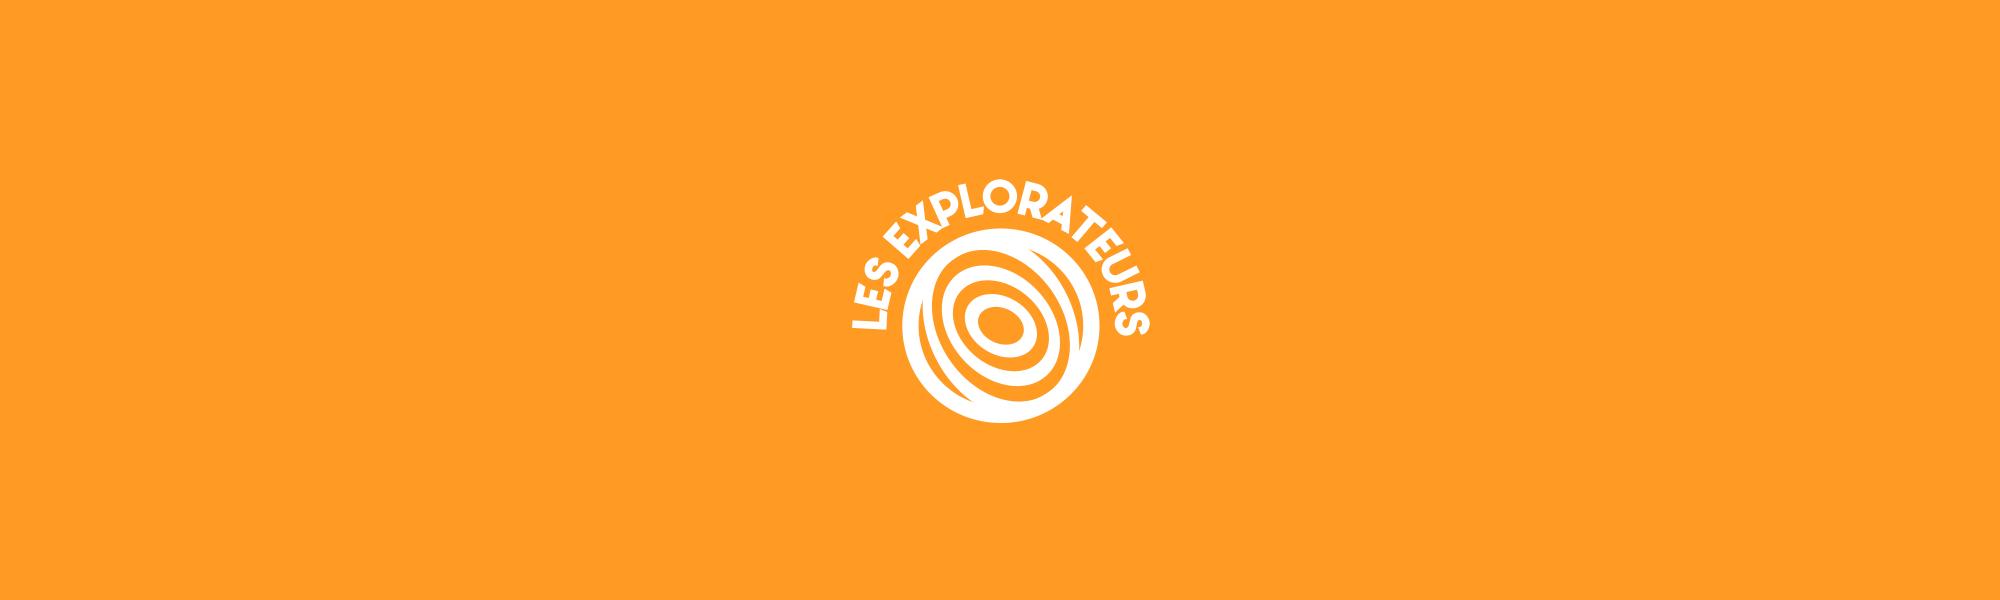 Bannière - Recherche identité visuelle - les explorateurs